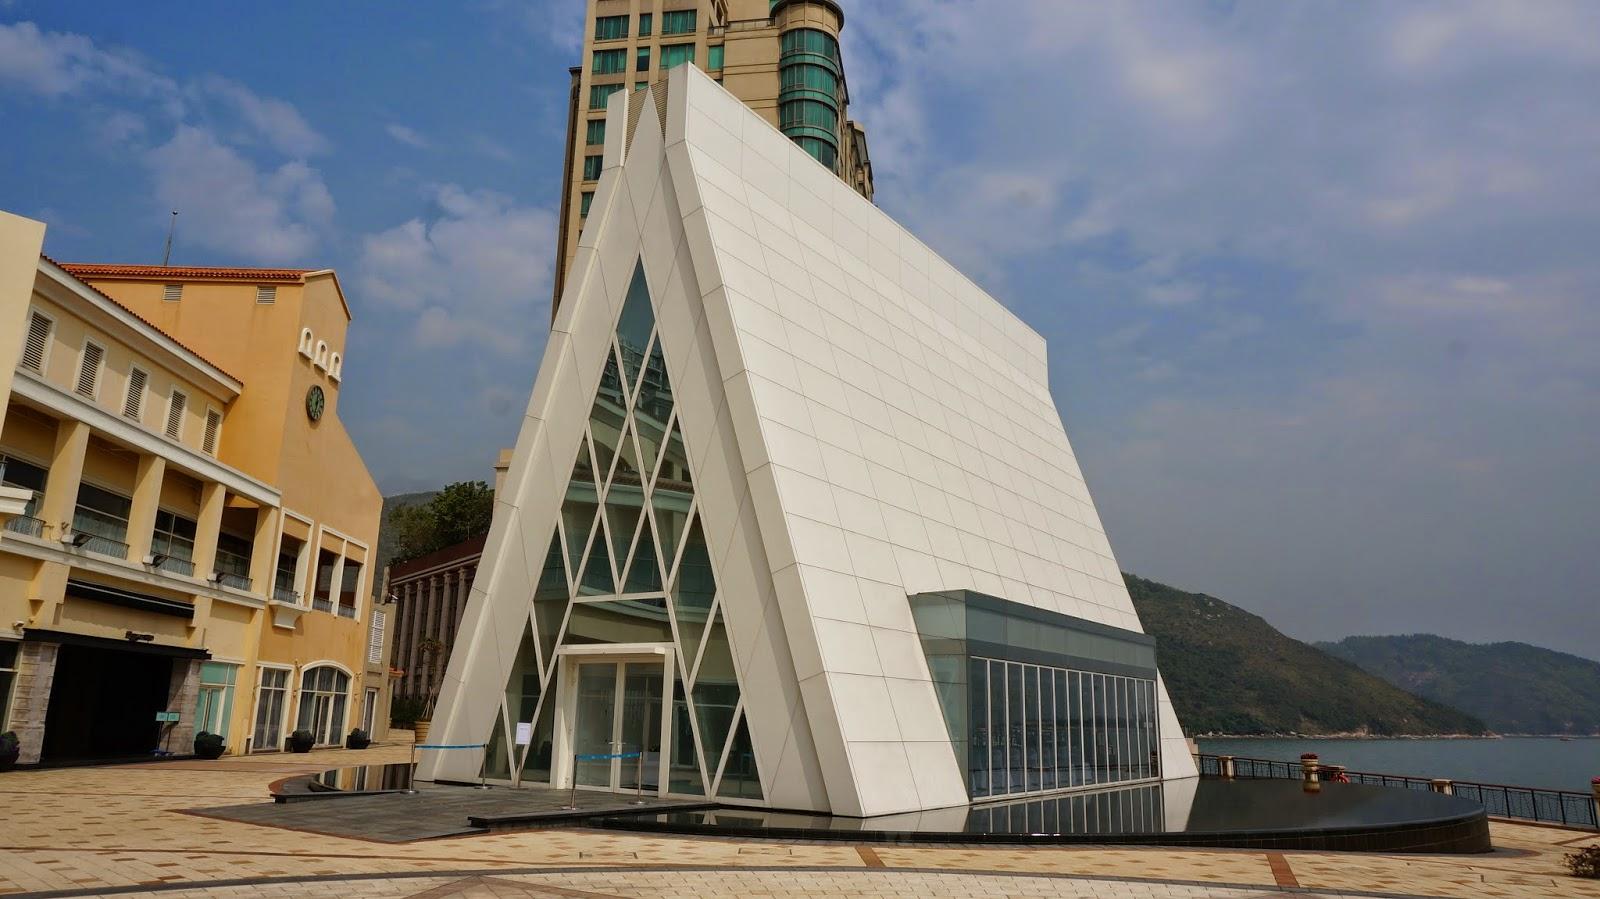 [在香港度假] 希臘風格的愉景灣酒店 你們被海景包圍了 | 少女旅行日記 | 旅遊嘆世界 - fanpiece